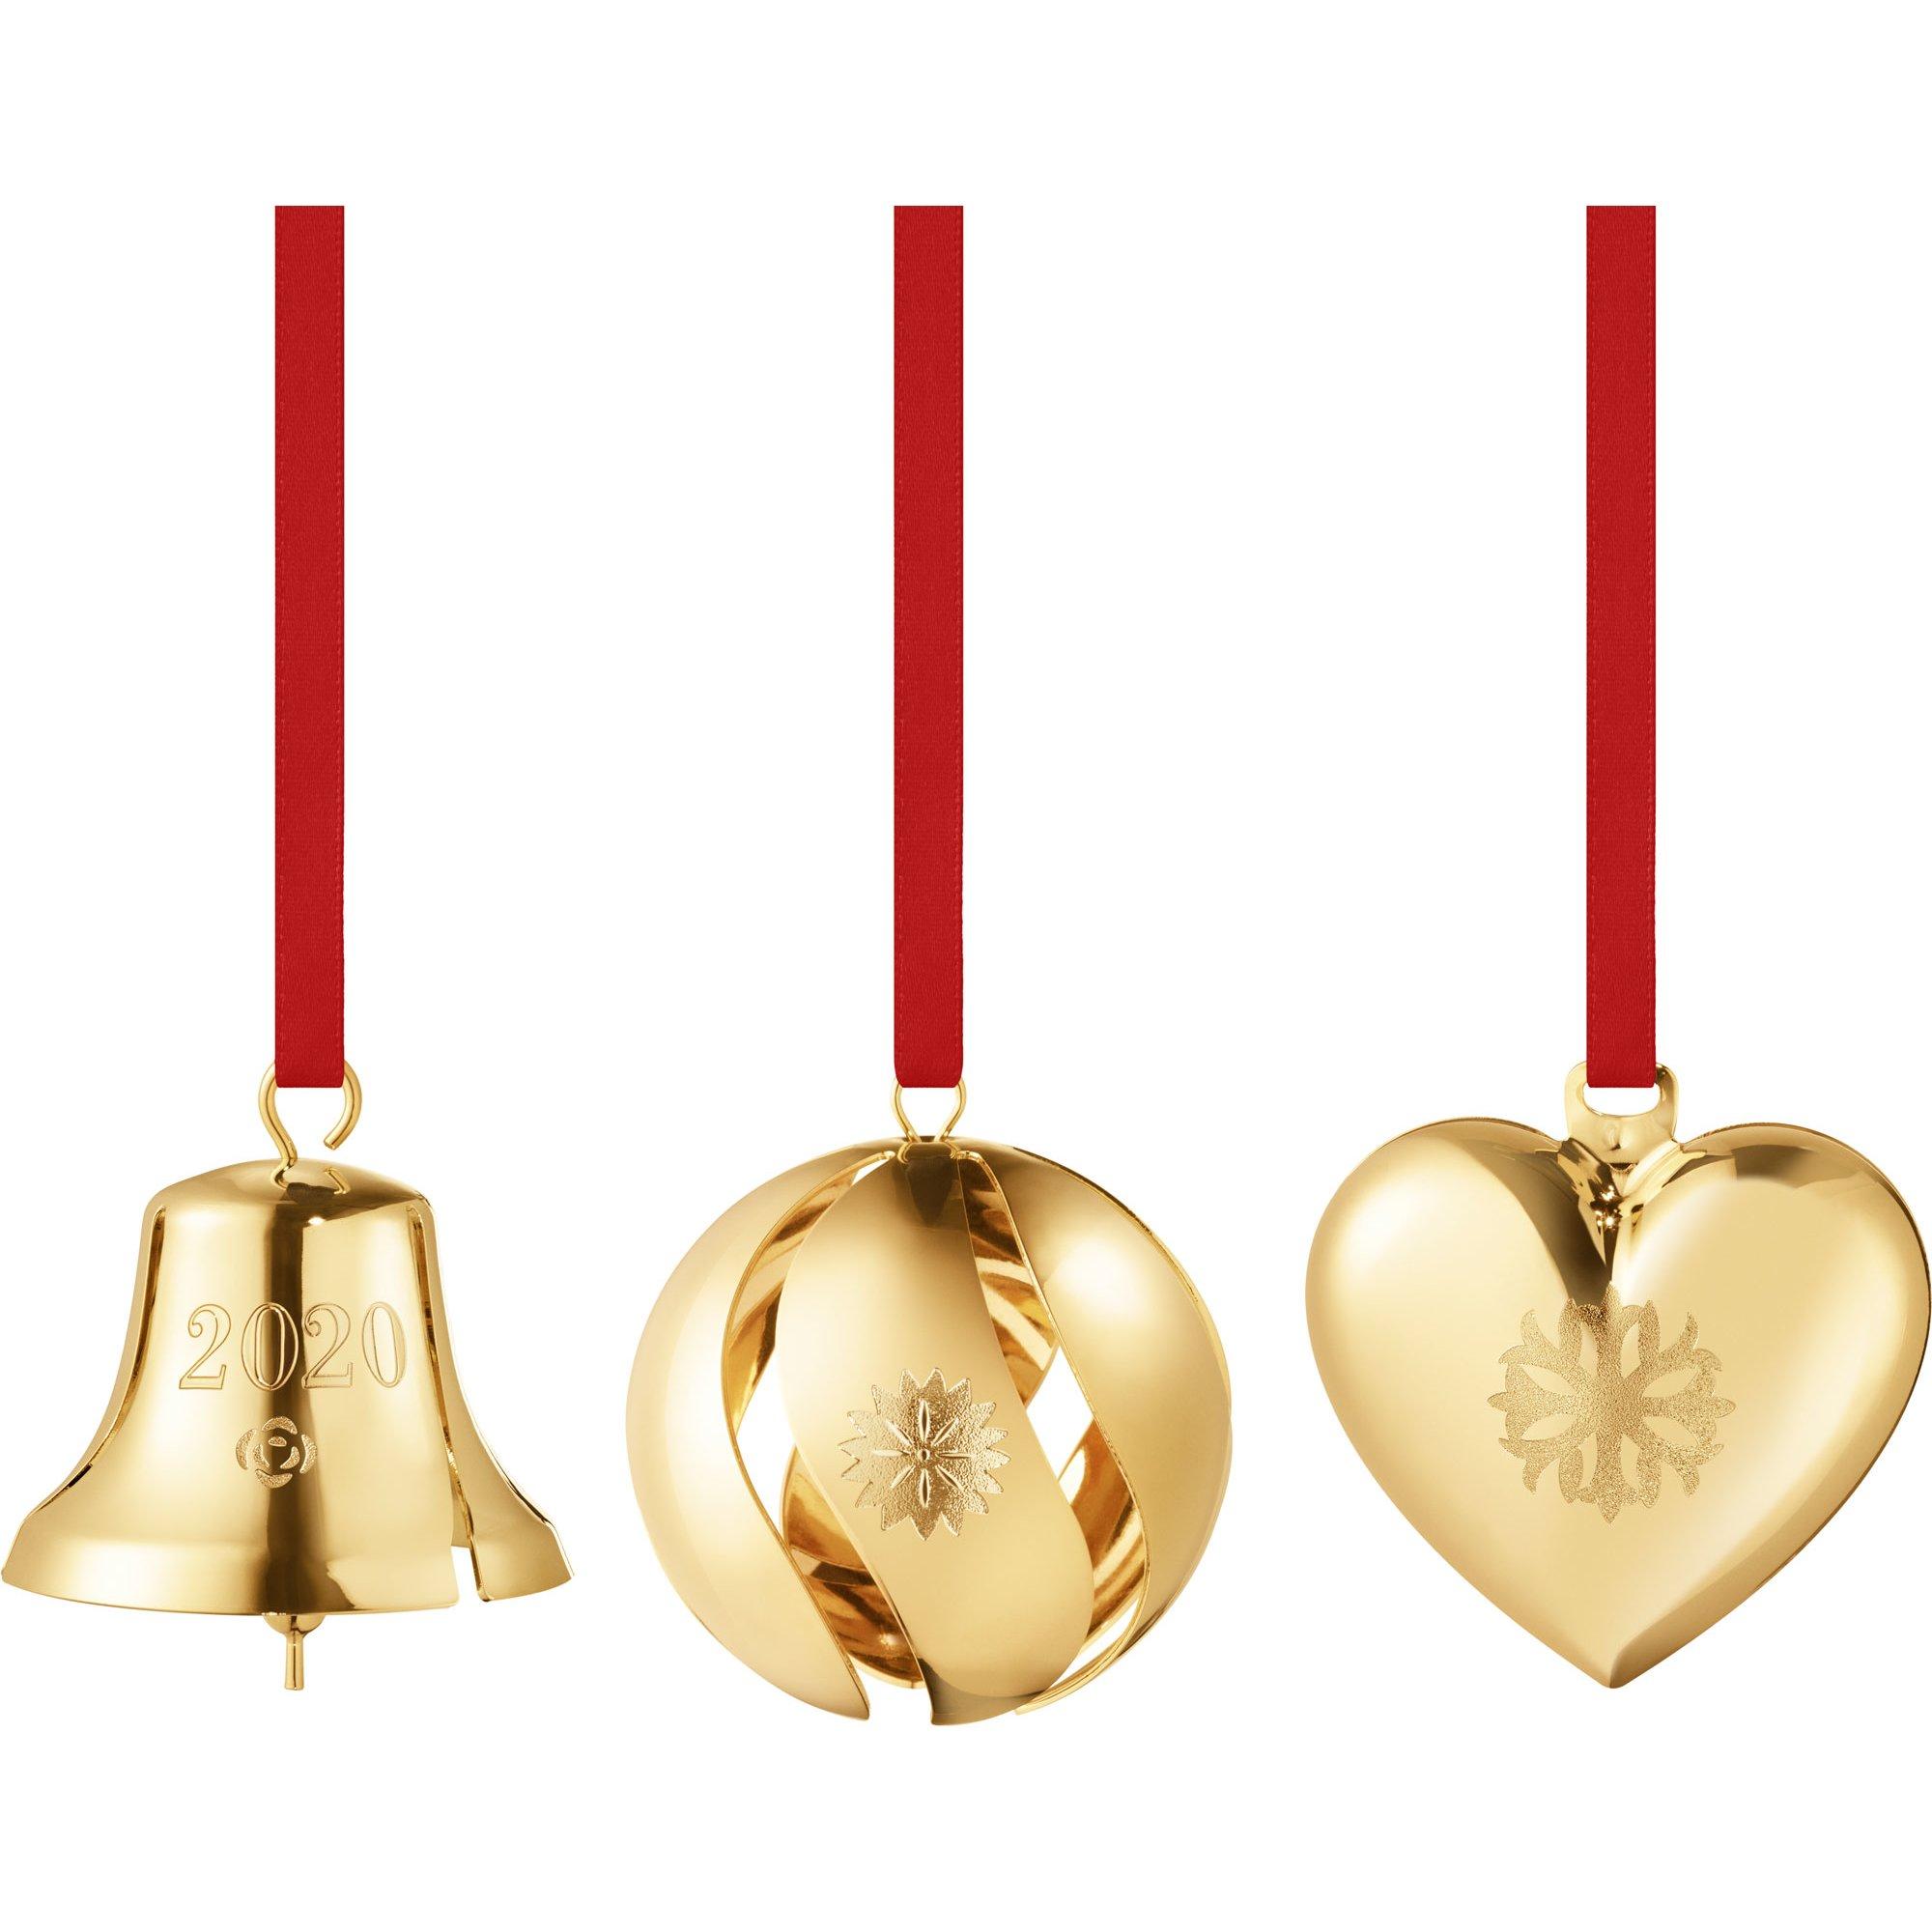 Georg Jensen 2020 presentpaket med julhängen guld